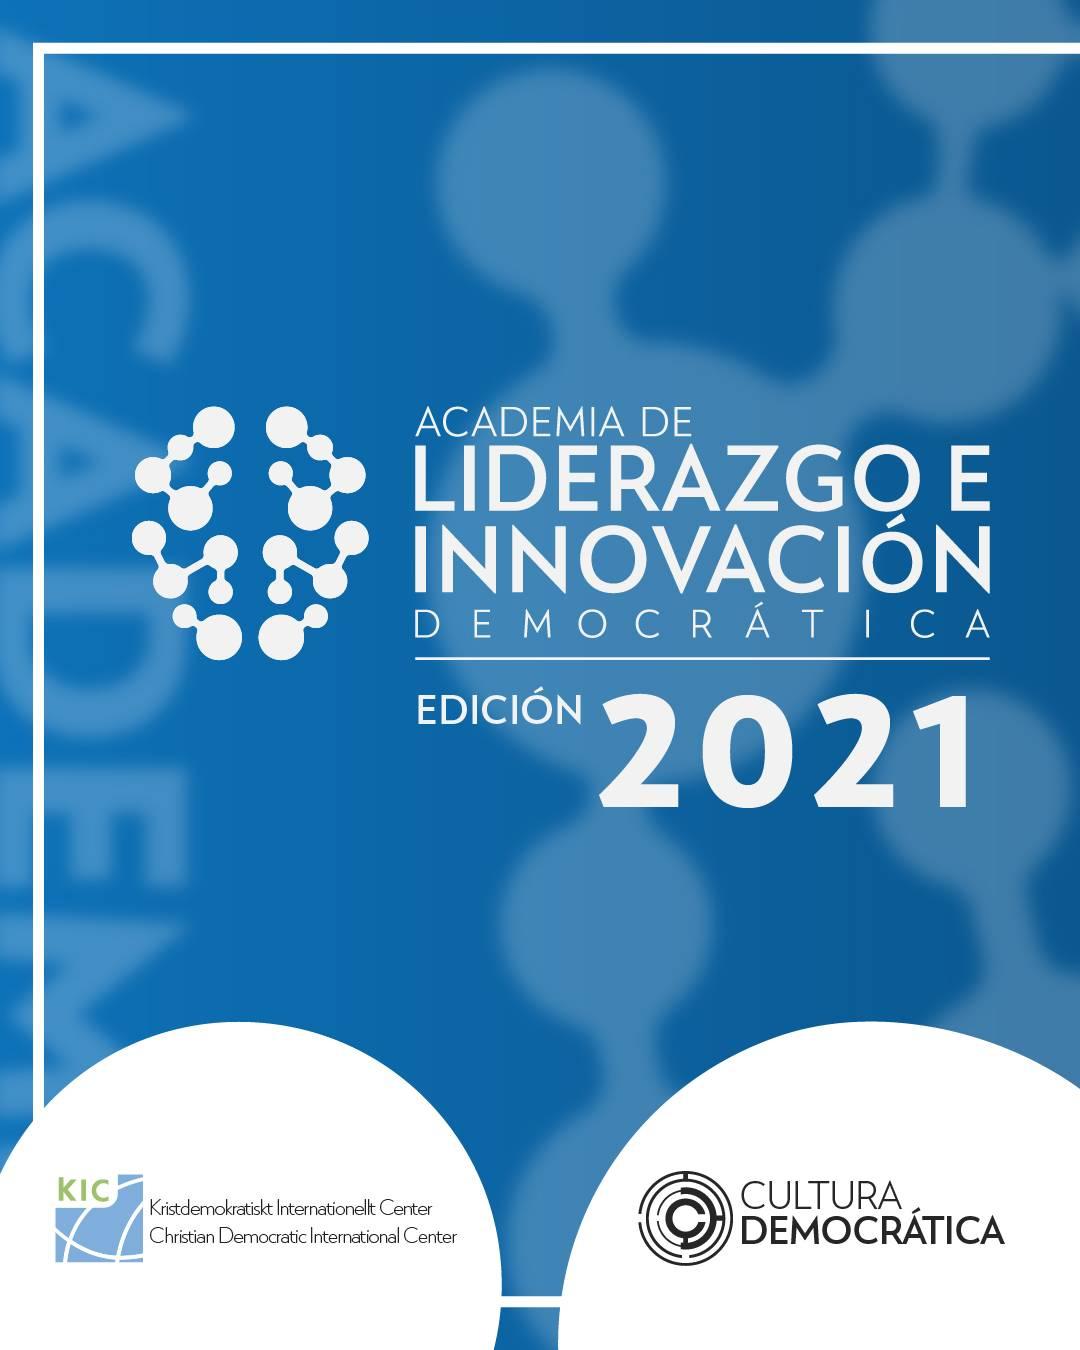 Convocatoria para la Edición 2021 de la Academia de Liderazgo e Innovación Democrática